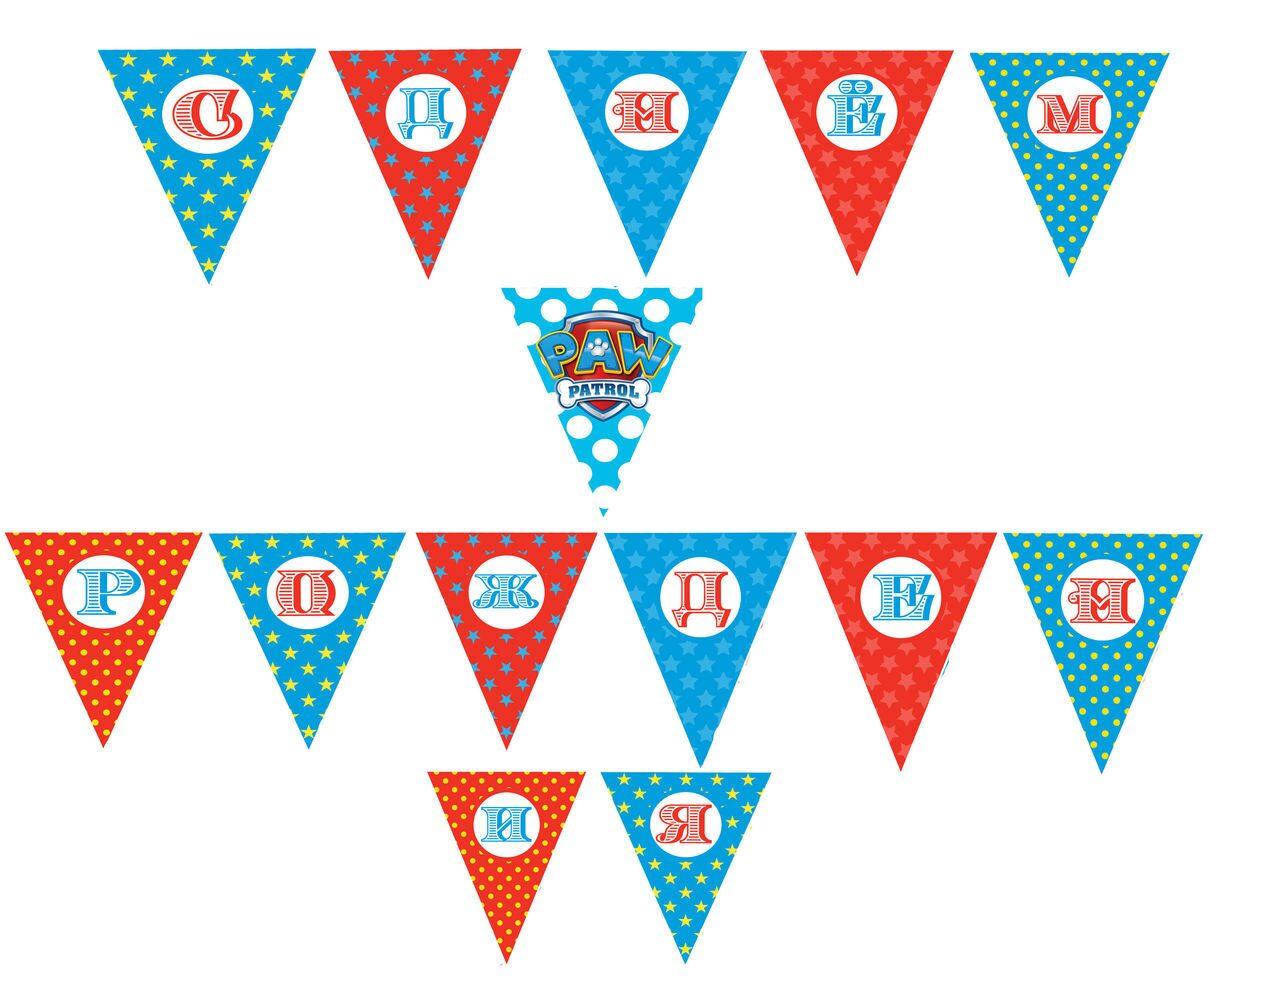 Гирлянда с днем рождения скачать шаблон